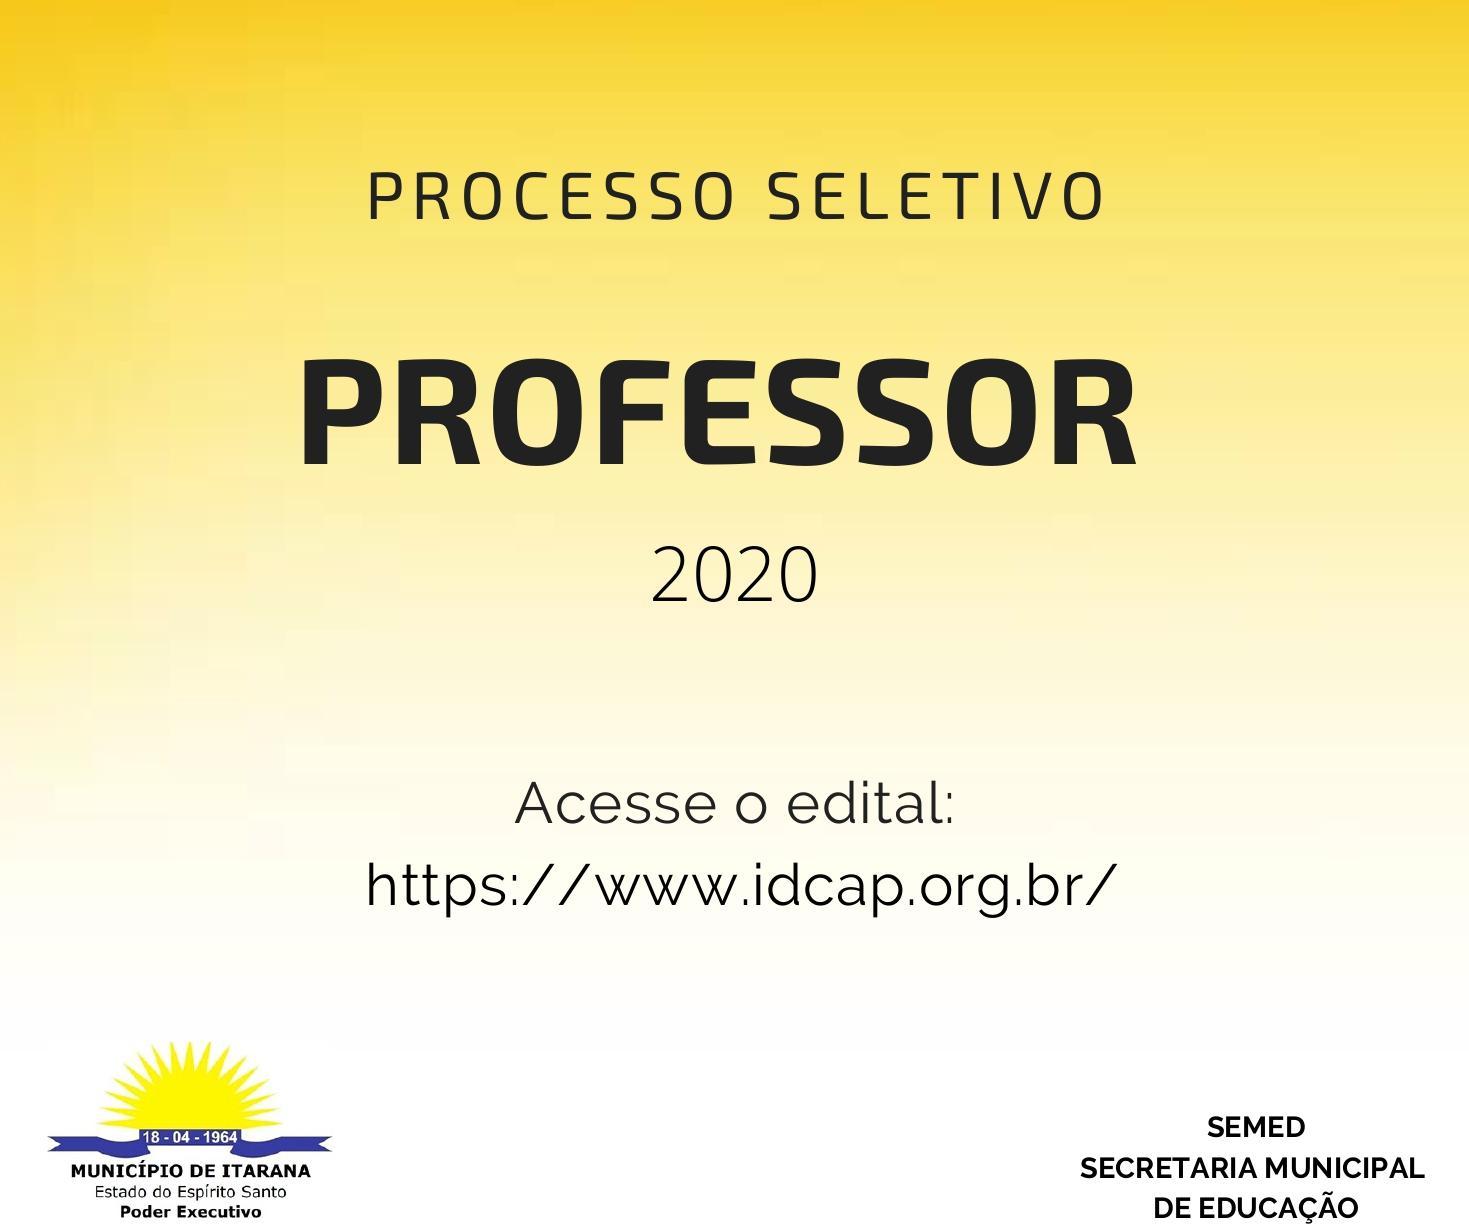 Secretaria Municipal de Educação abre processo seletivo simplificado para contratação de professores em designação temporária